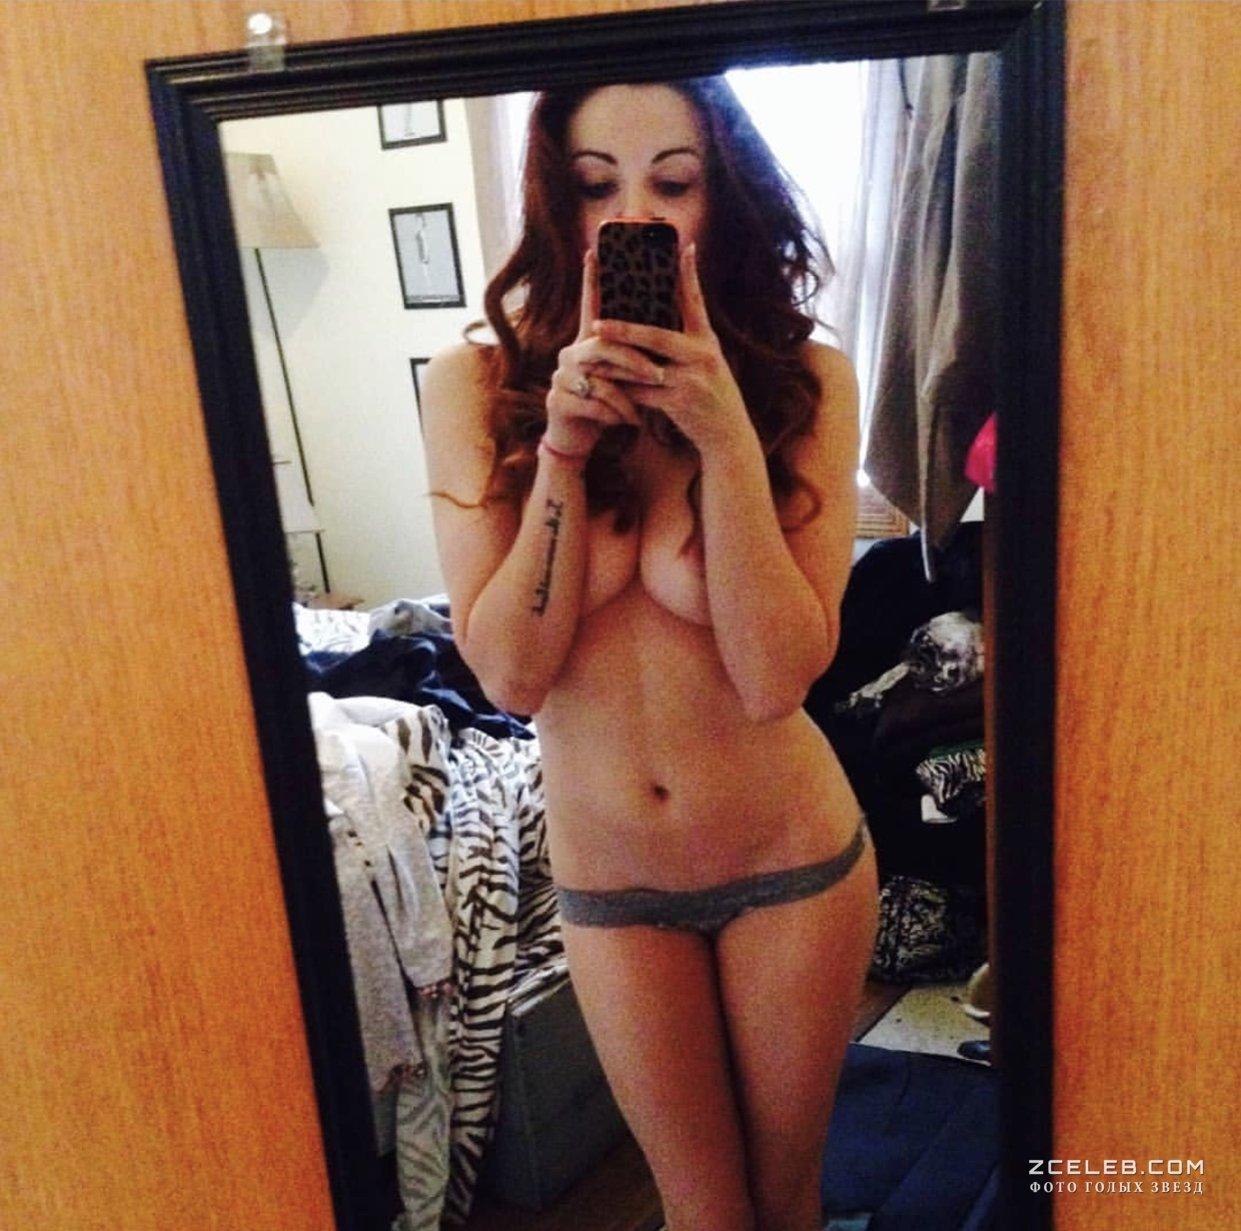 Брюнетка выложила в сеть свои частные фото  5403